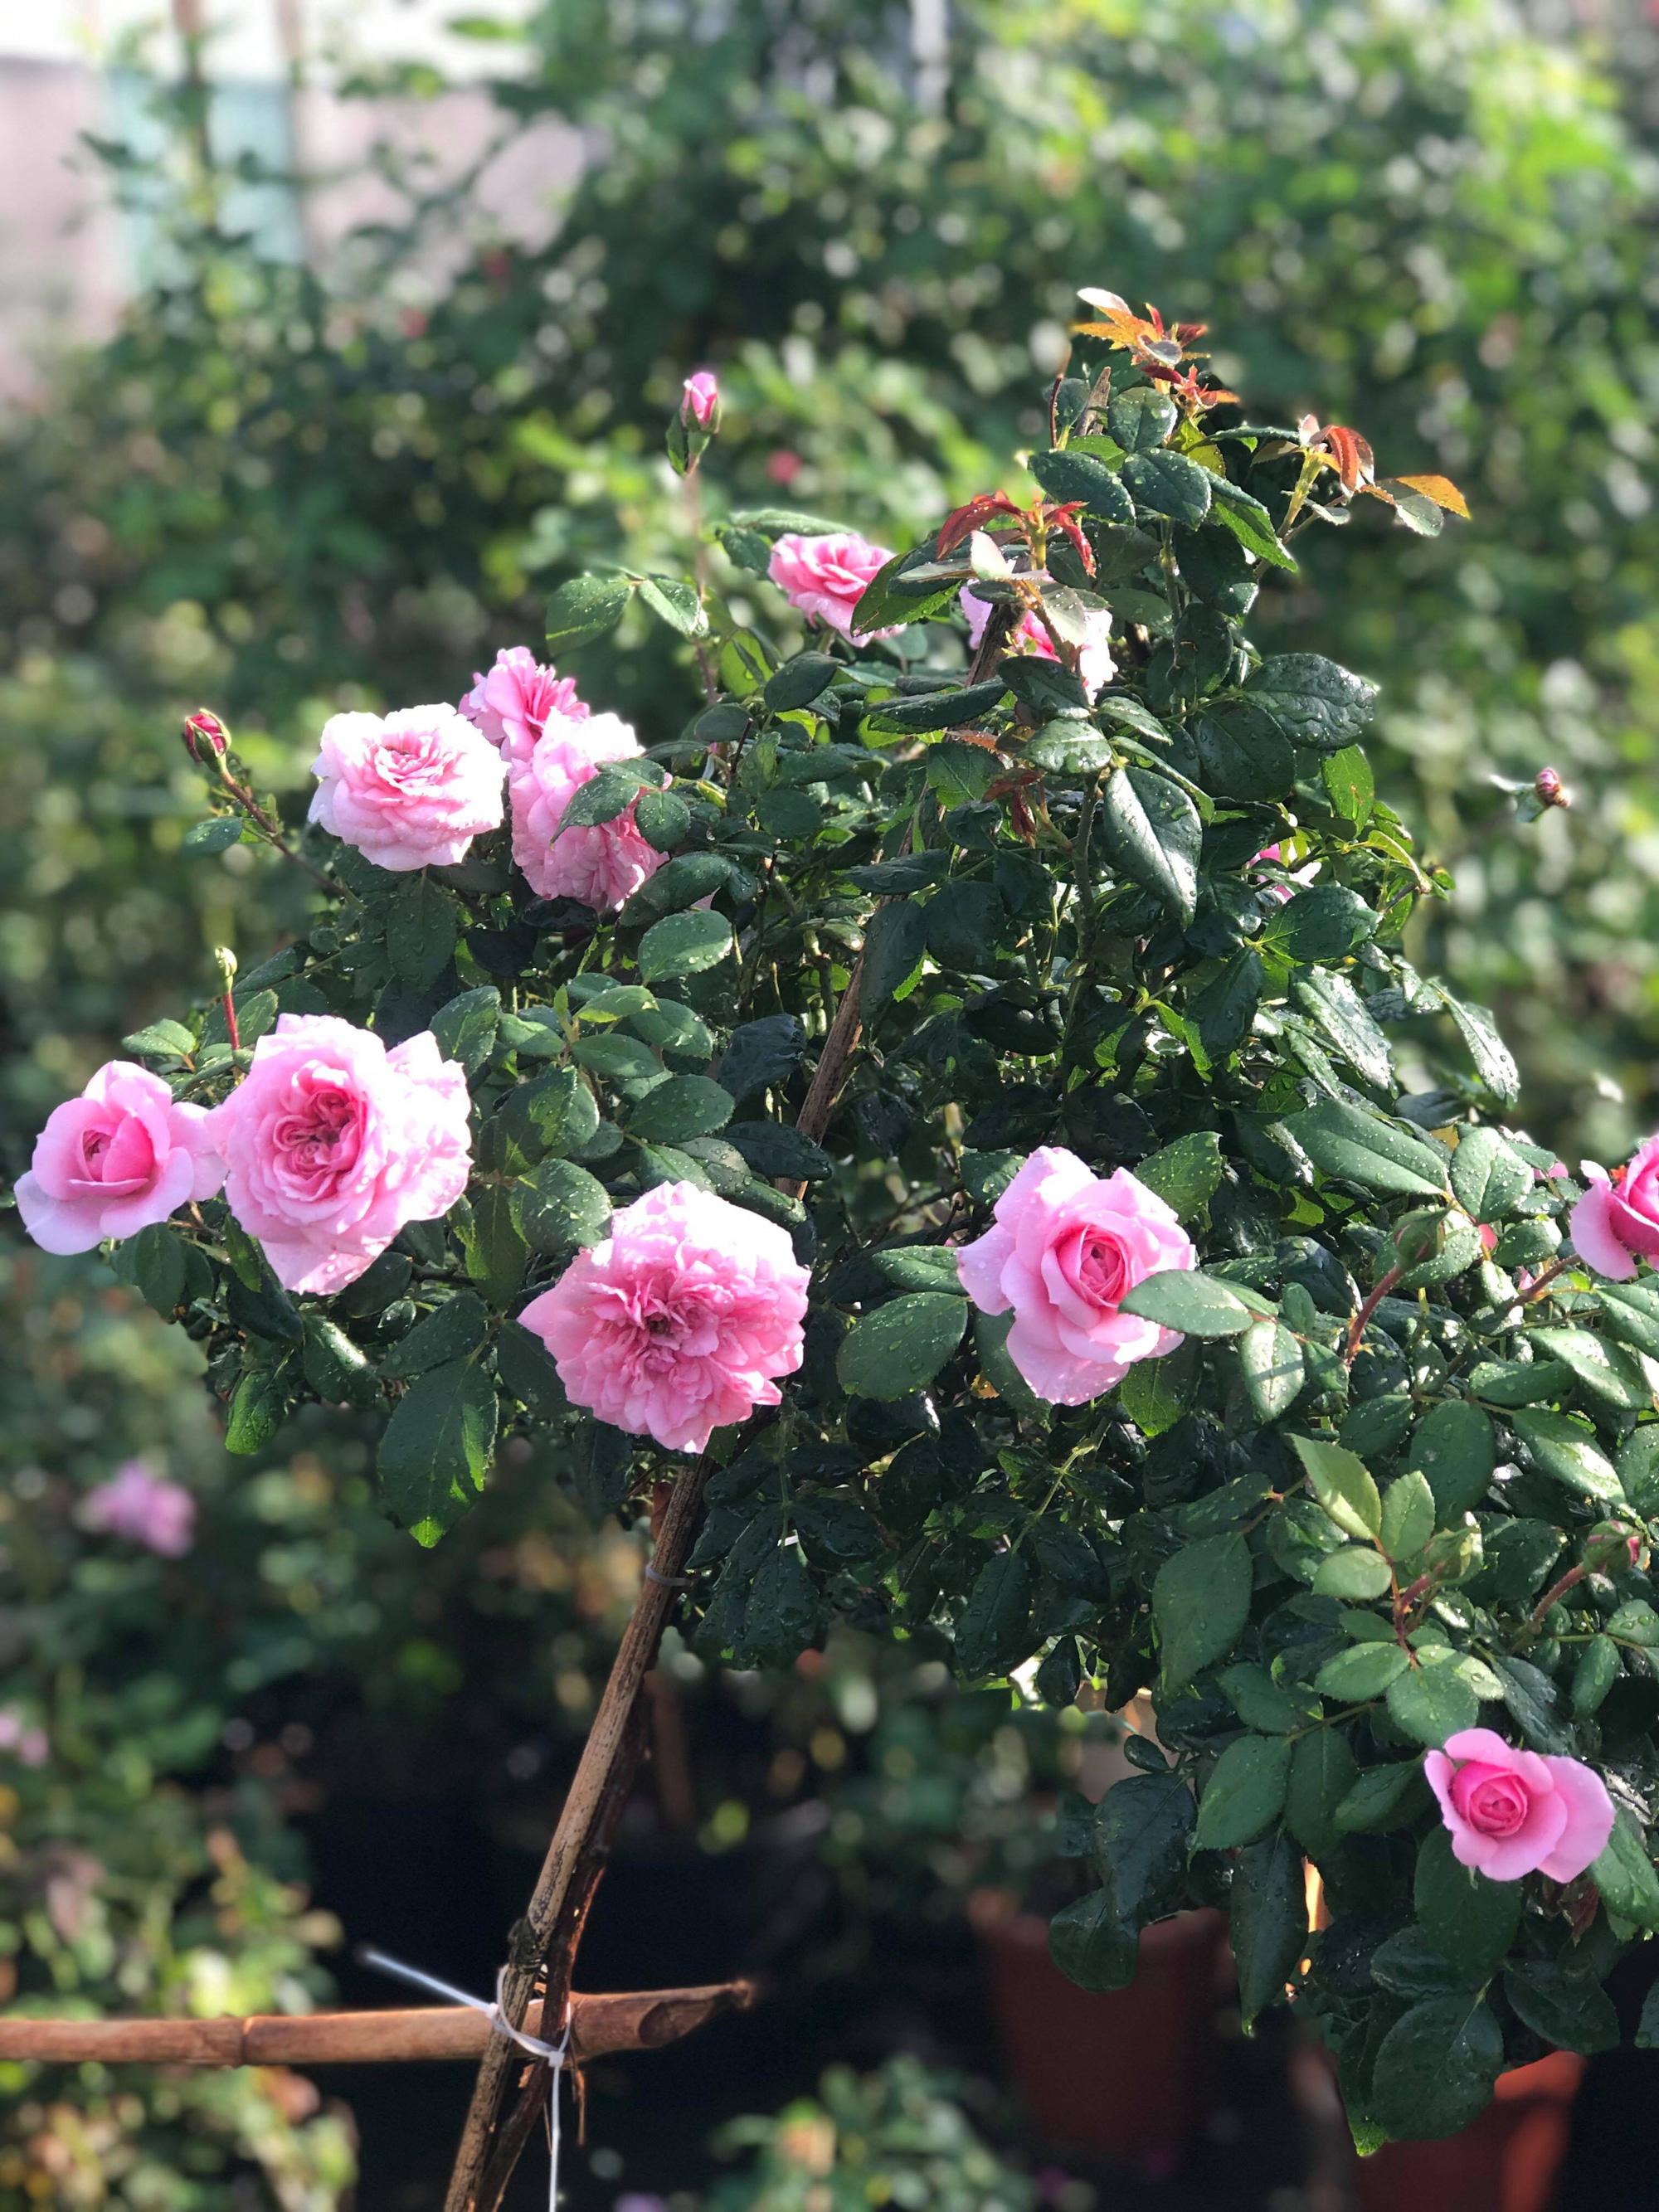 Vườn hồng 400 loài đẹp ngẩn ngơ của kỹ sư bỏ phố về núi - Ảnh 5.